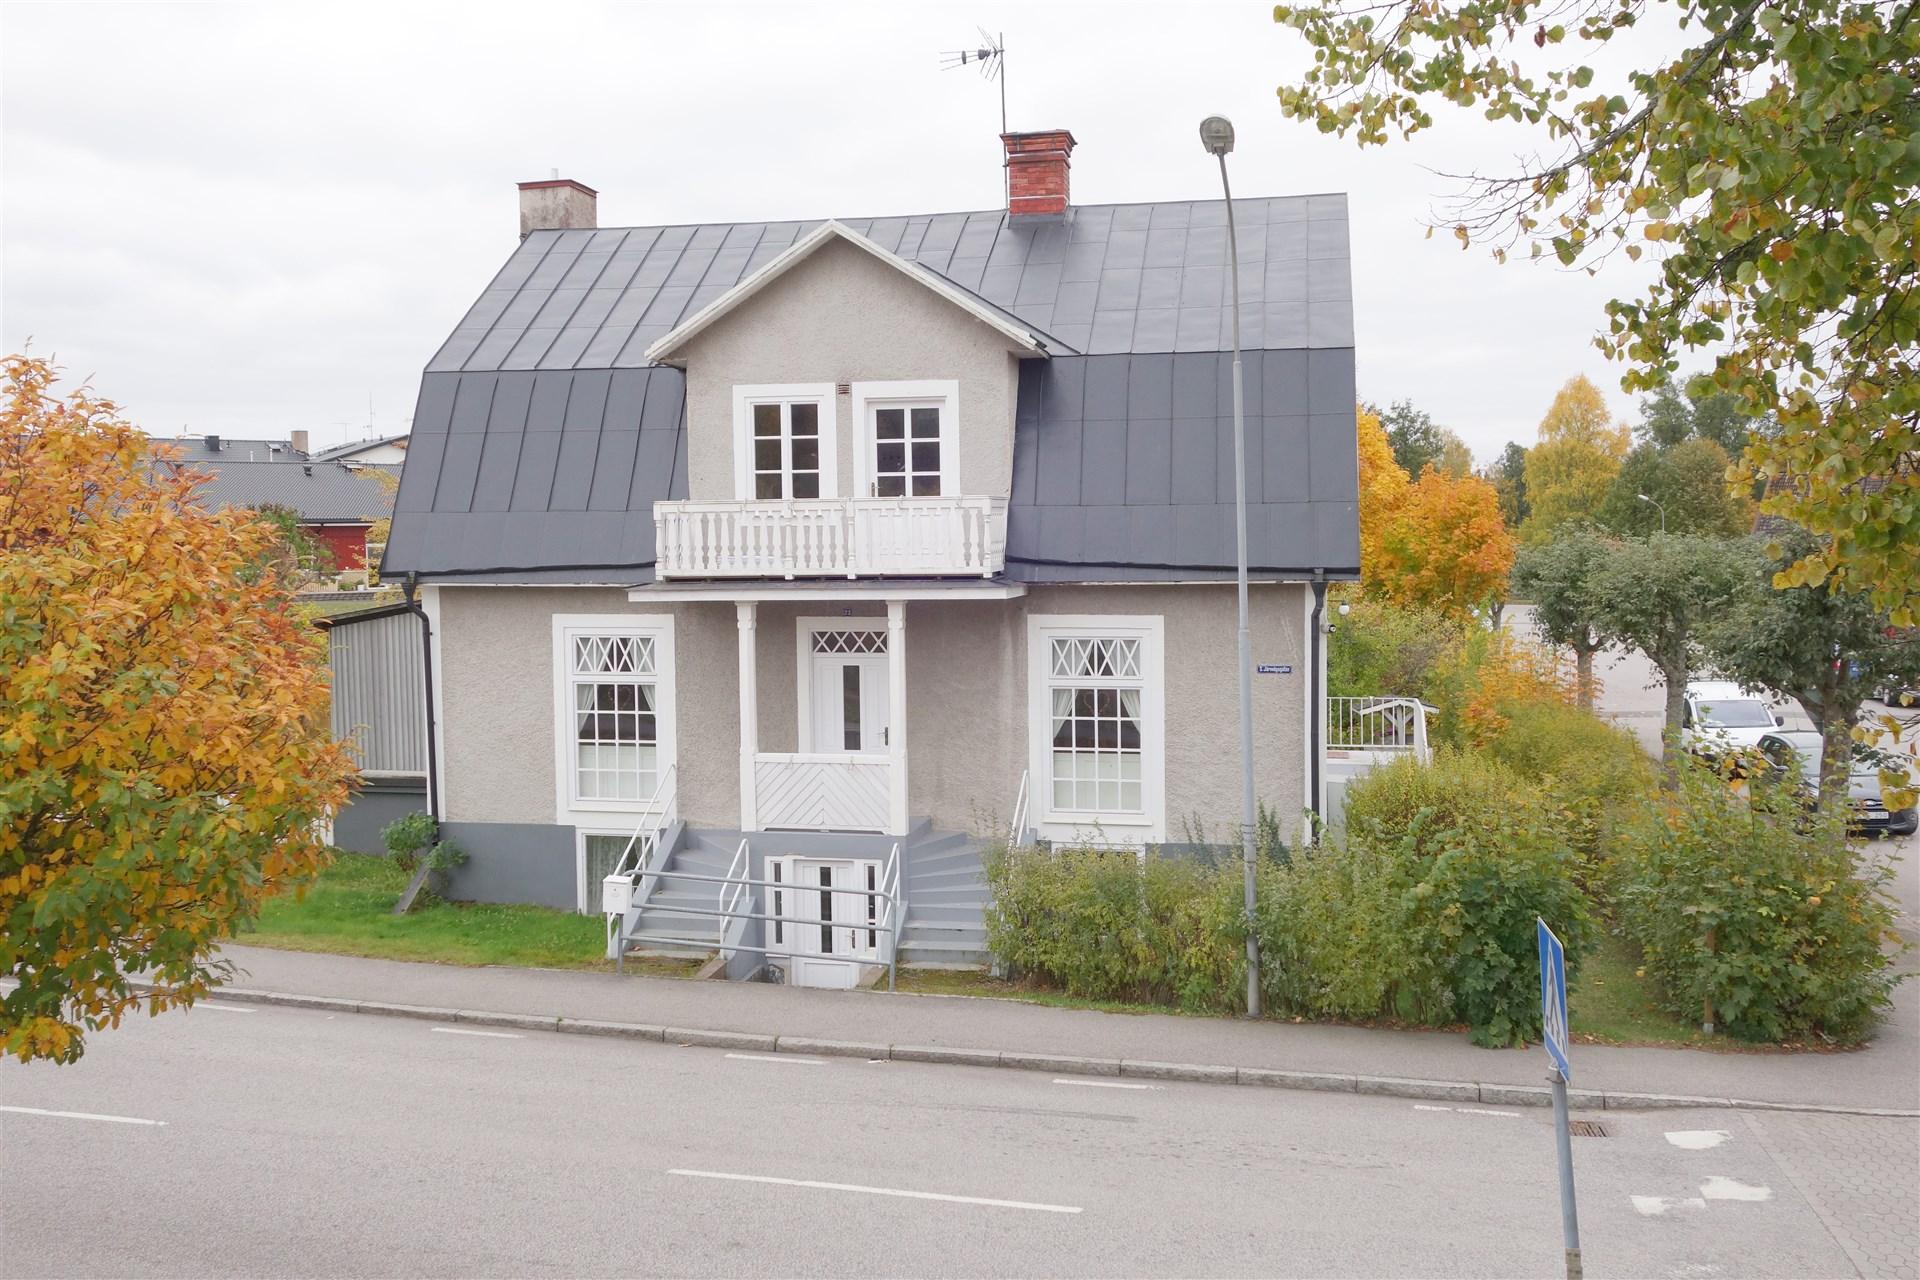 Södra Järnvägsgatan 23